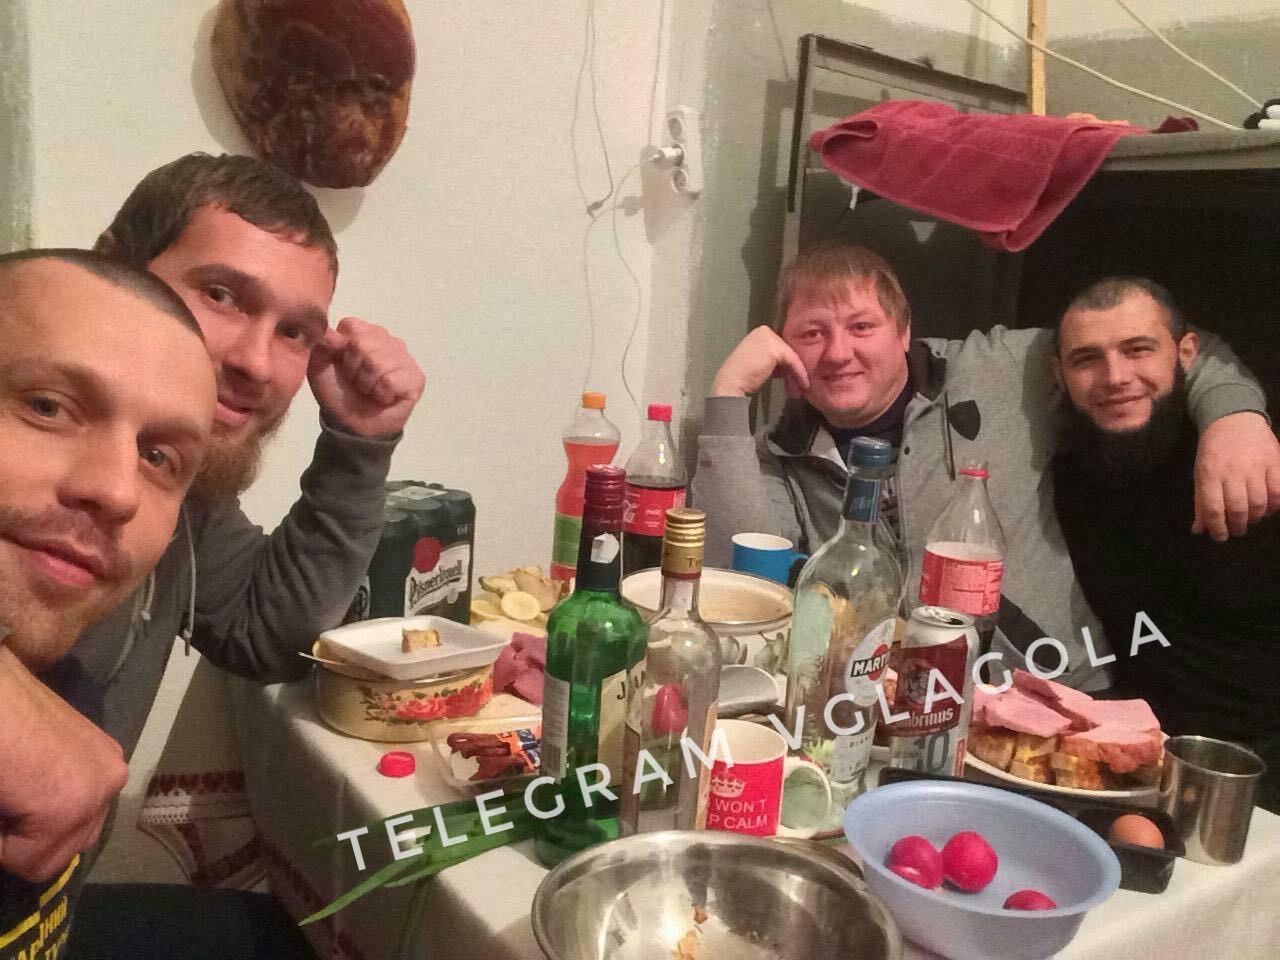 Це Ужгородське СІЗО і затримані, які офіційно сидять в одиночках. Як гадаєте, бояться бандити ув'язнень?